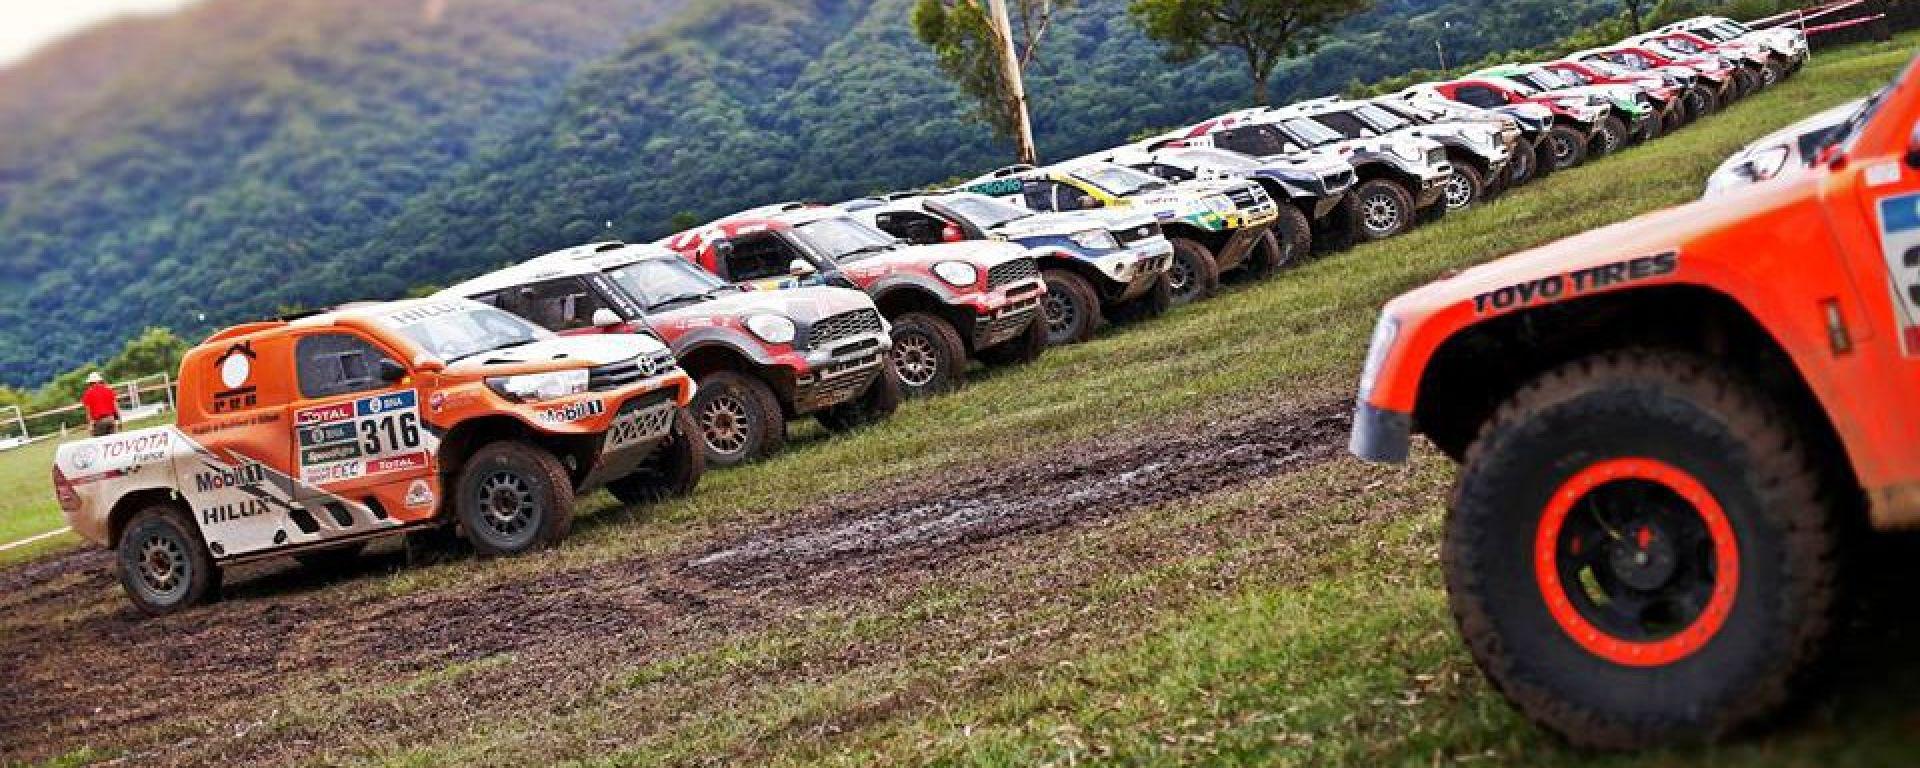 Gli ultimi preparativi per la Dakar 2017